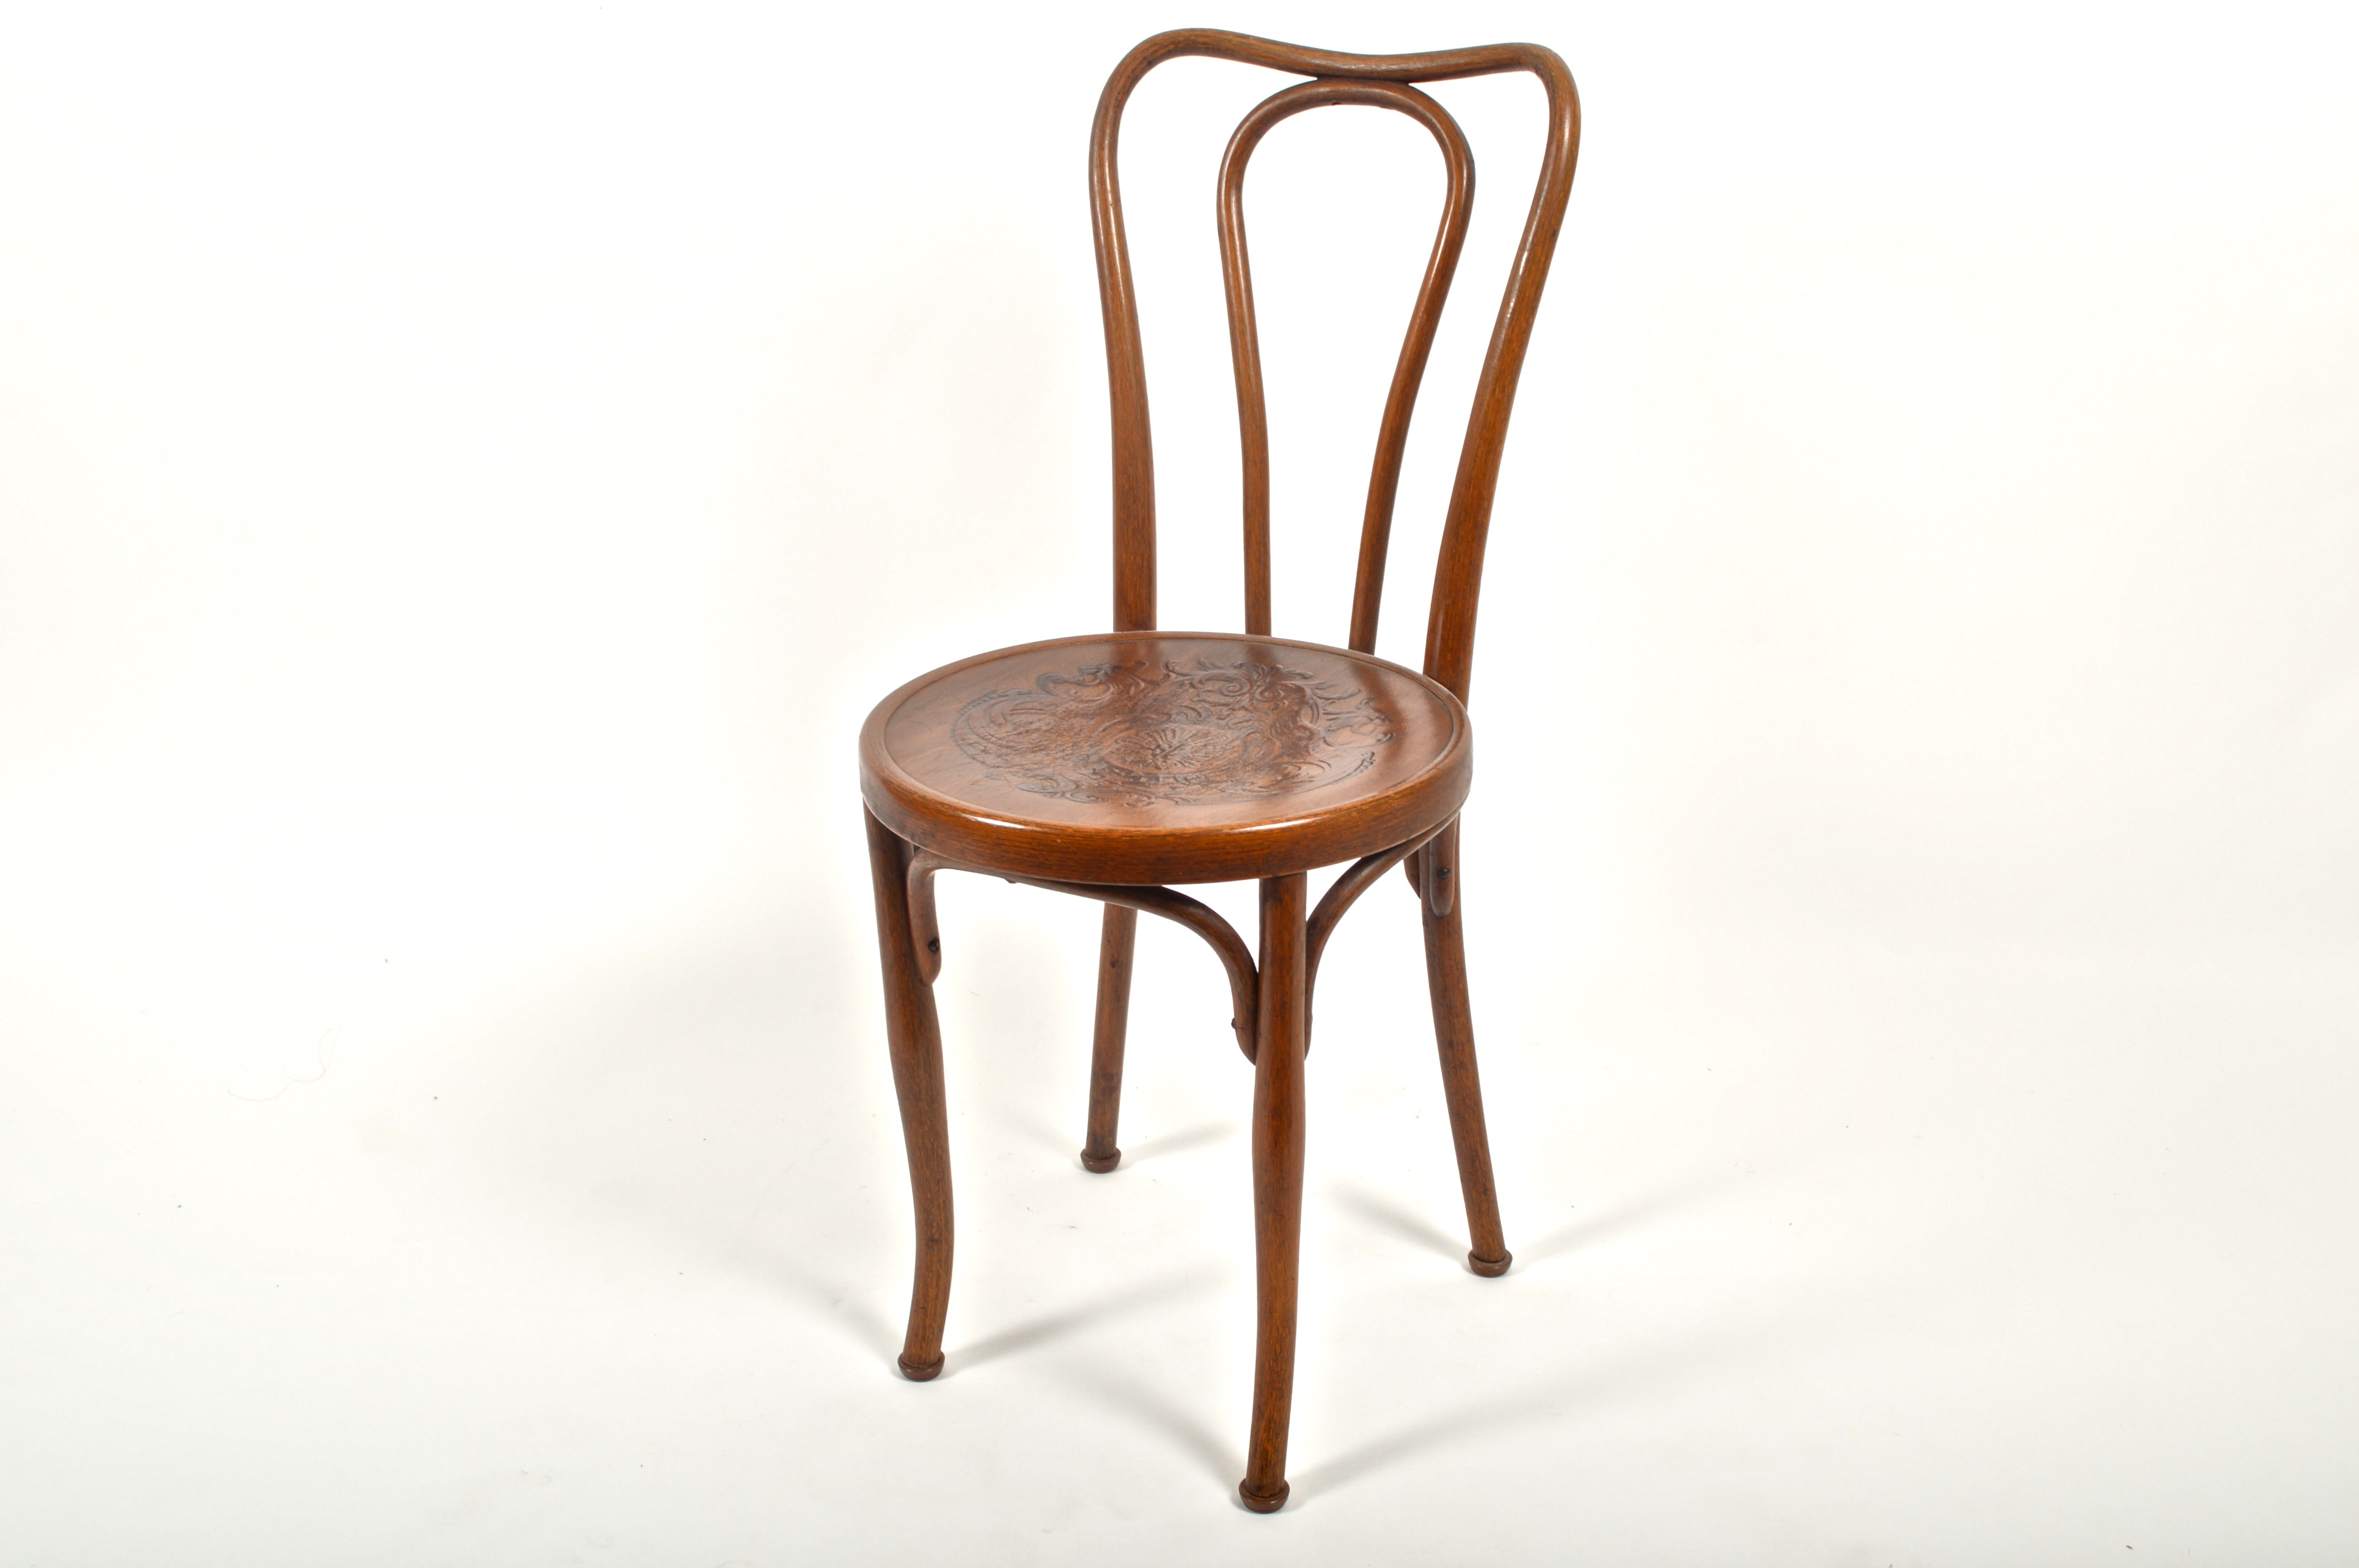 Rare Antique Austrian Jacob U0026 Josef Kohn Bentwood Cafe Chair ...